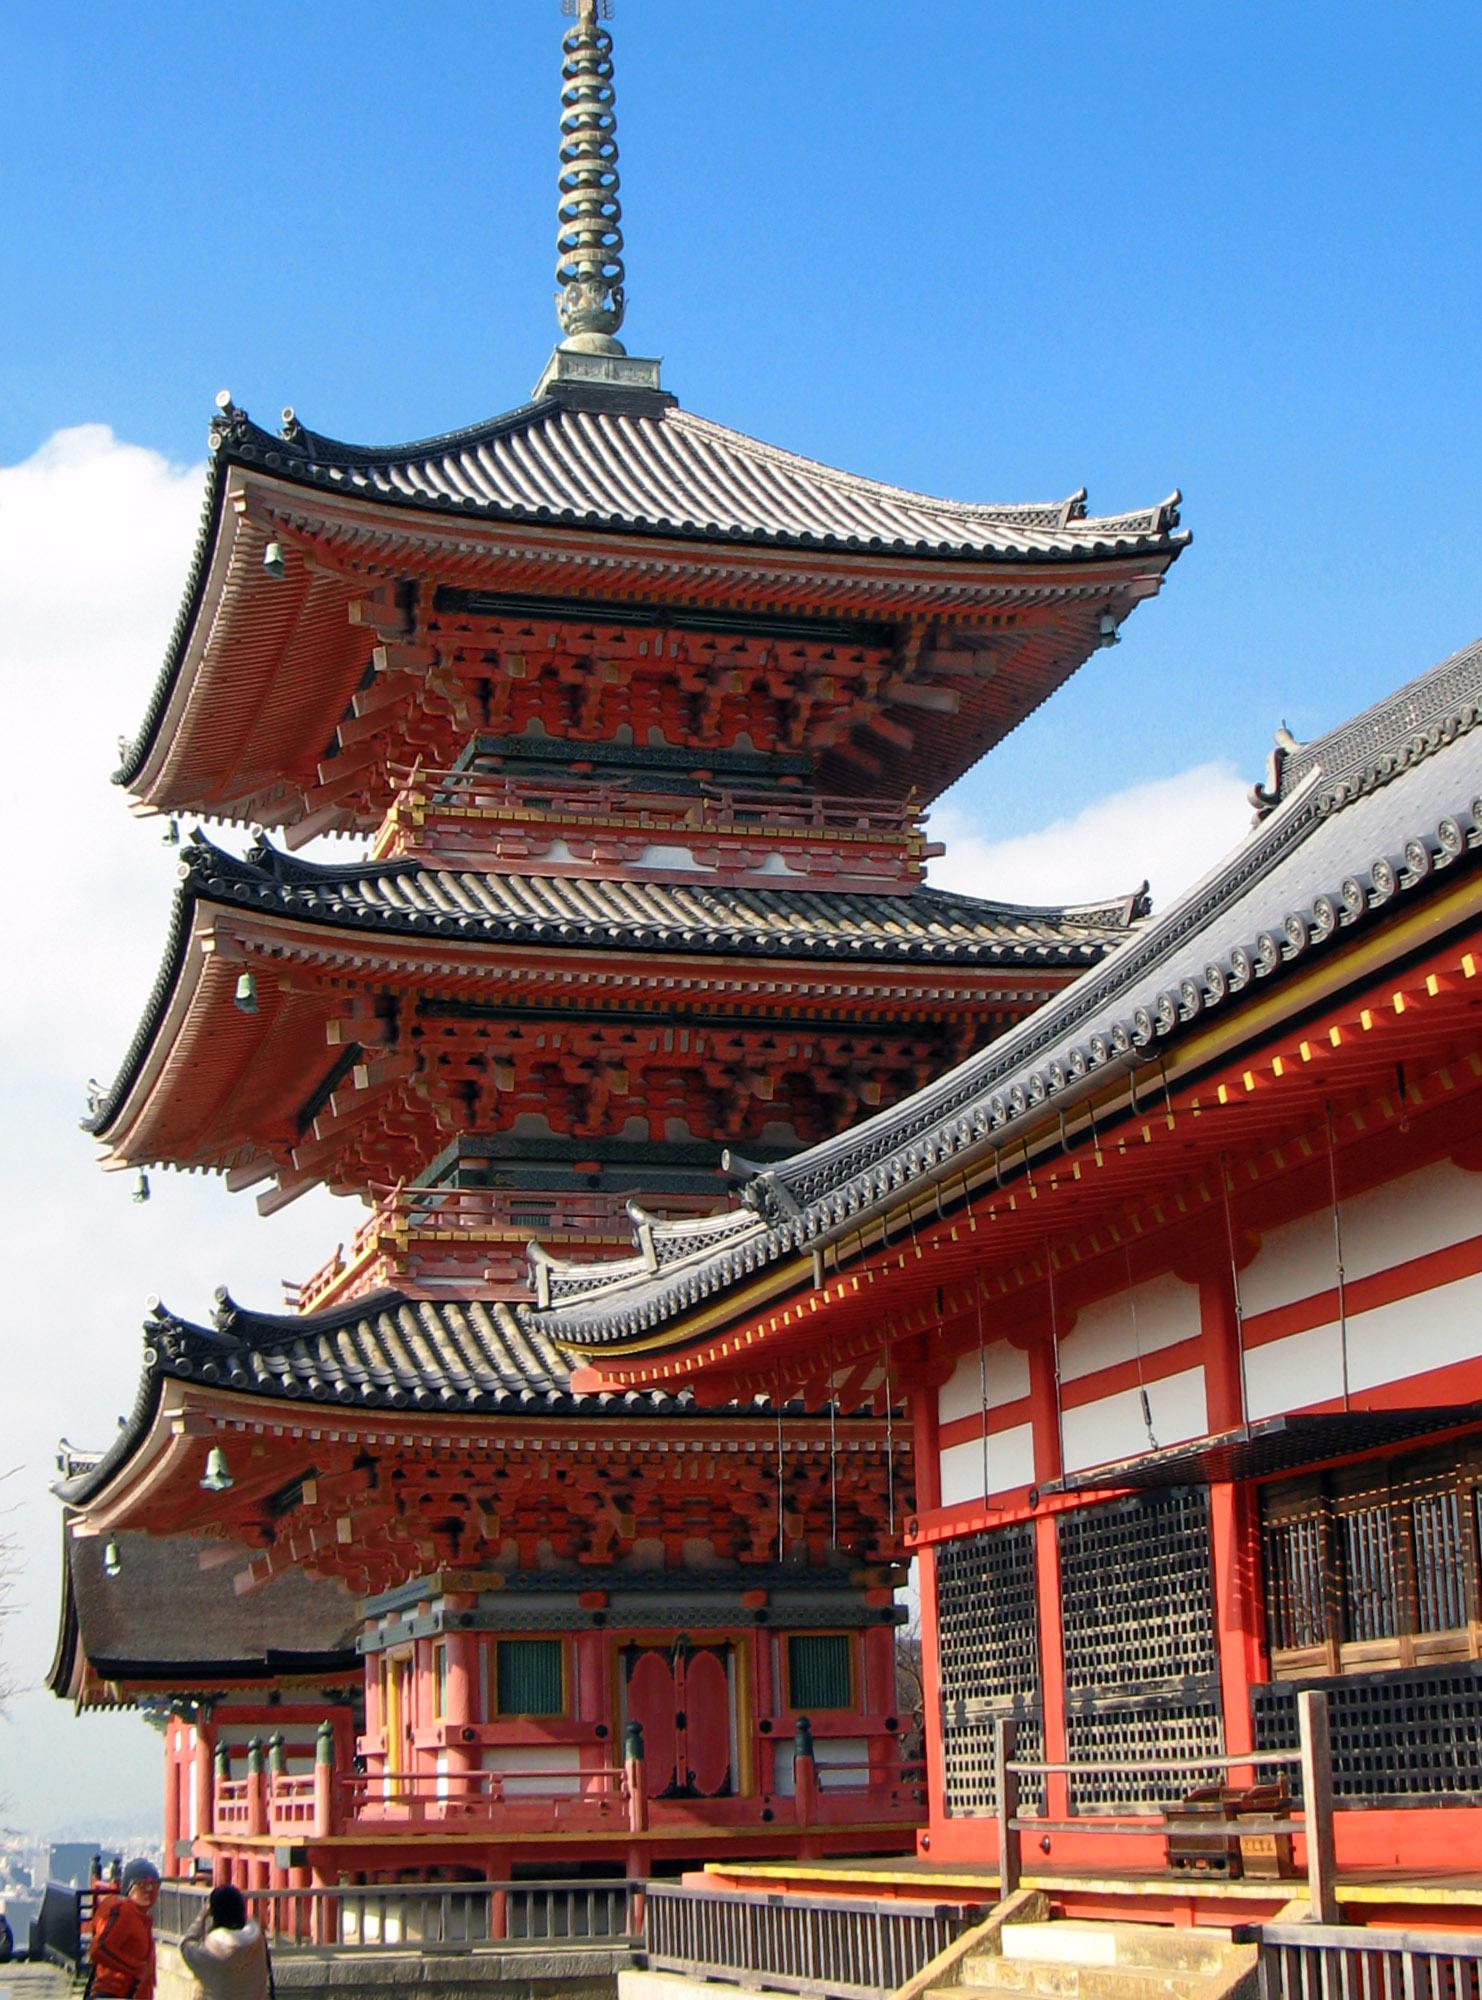 Pagoda of Kiyomizu-dera, Kyoto Japan